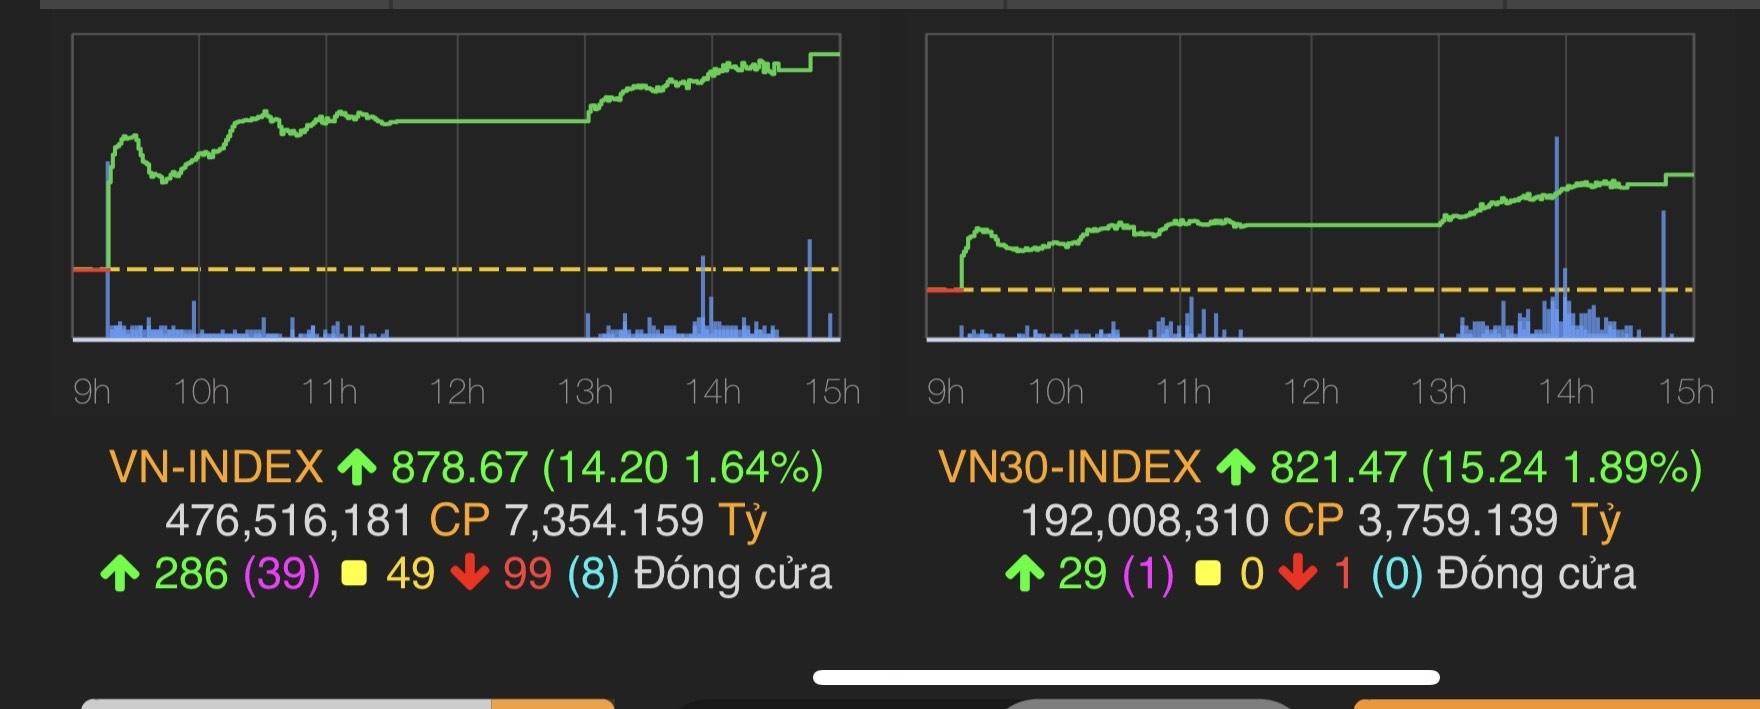 Sếp lớn ngân hàng bán khối tài sản khổng lồ liên quan tới Vinfast - 1